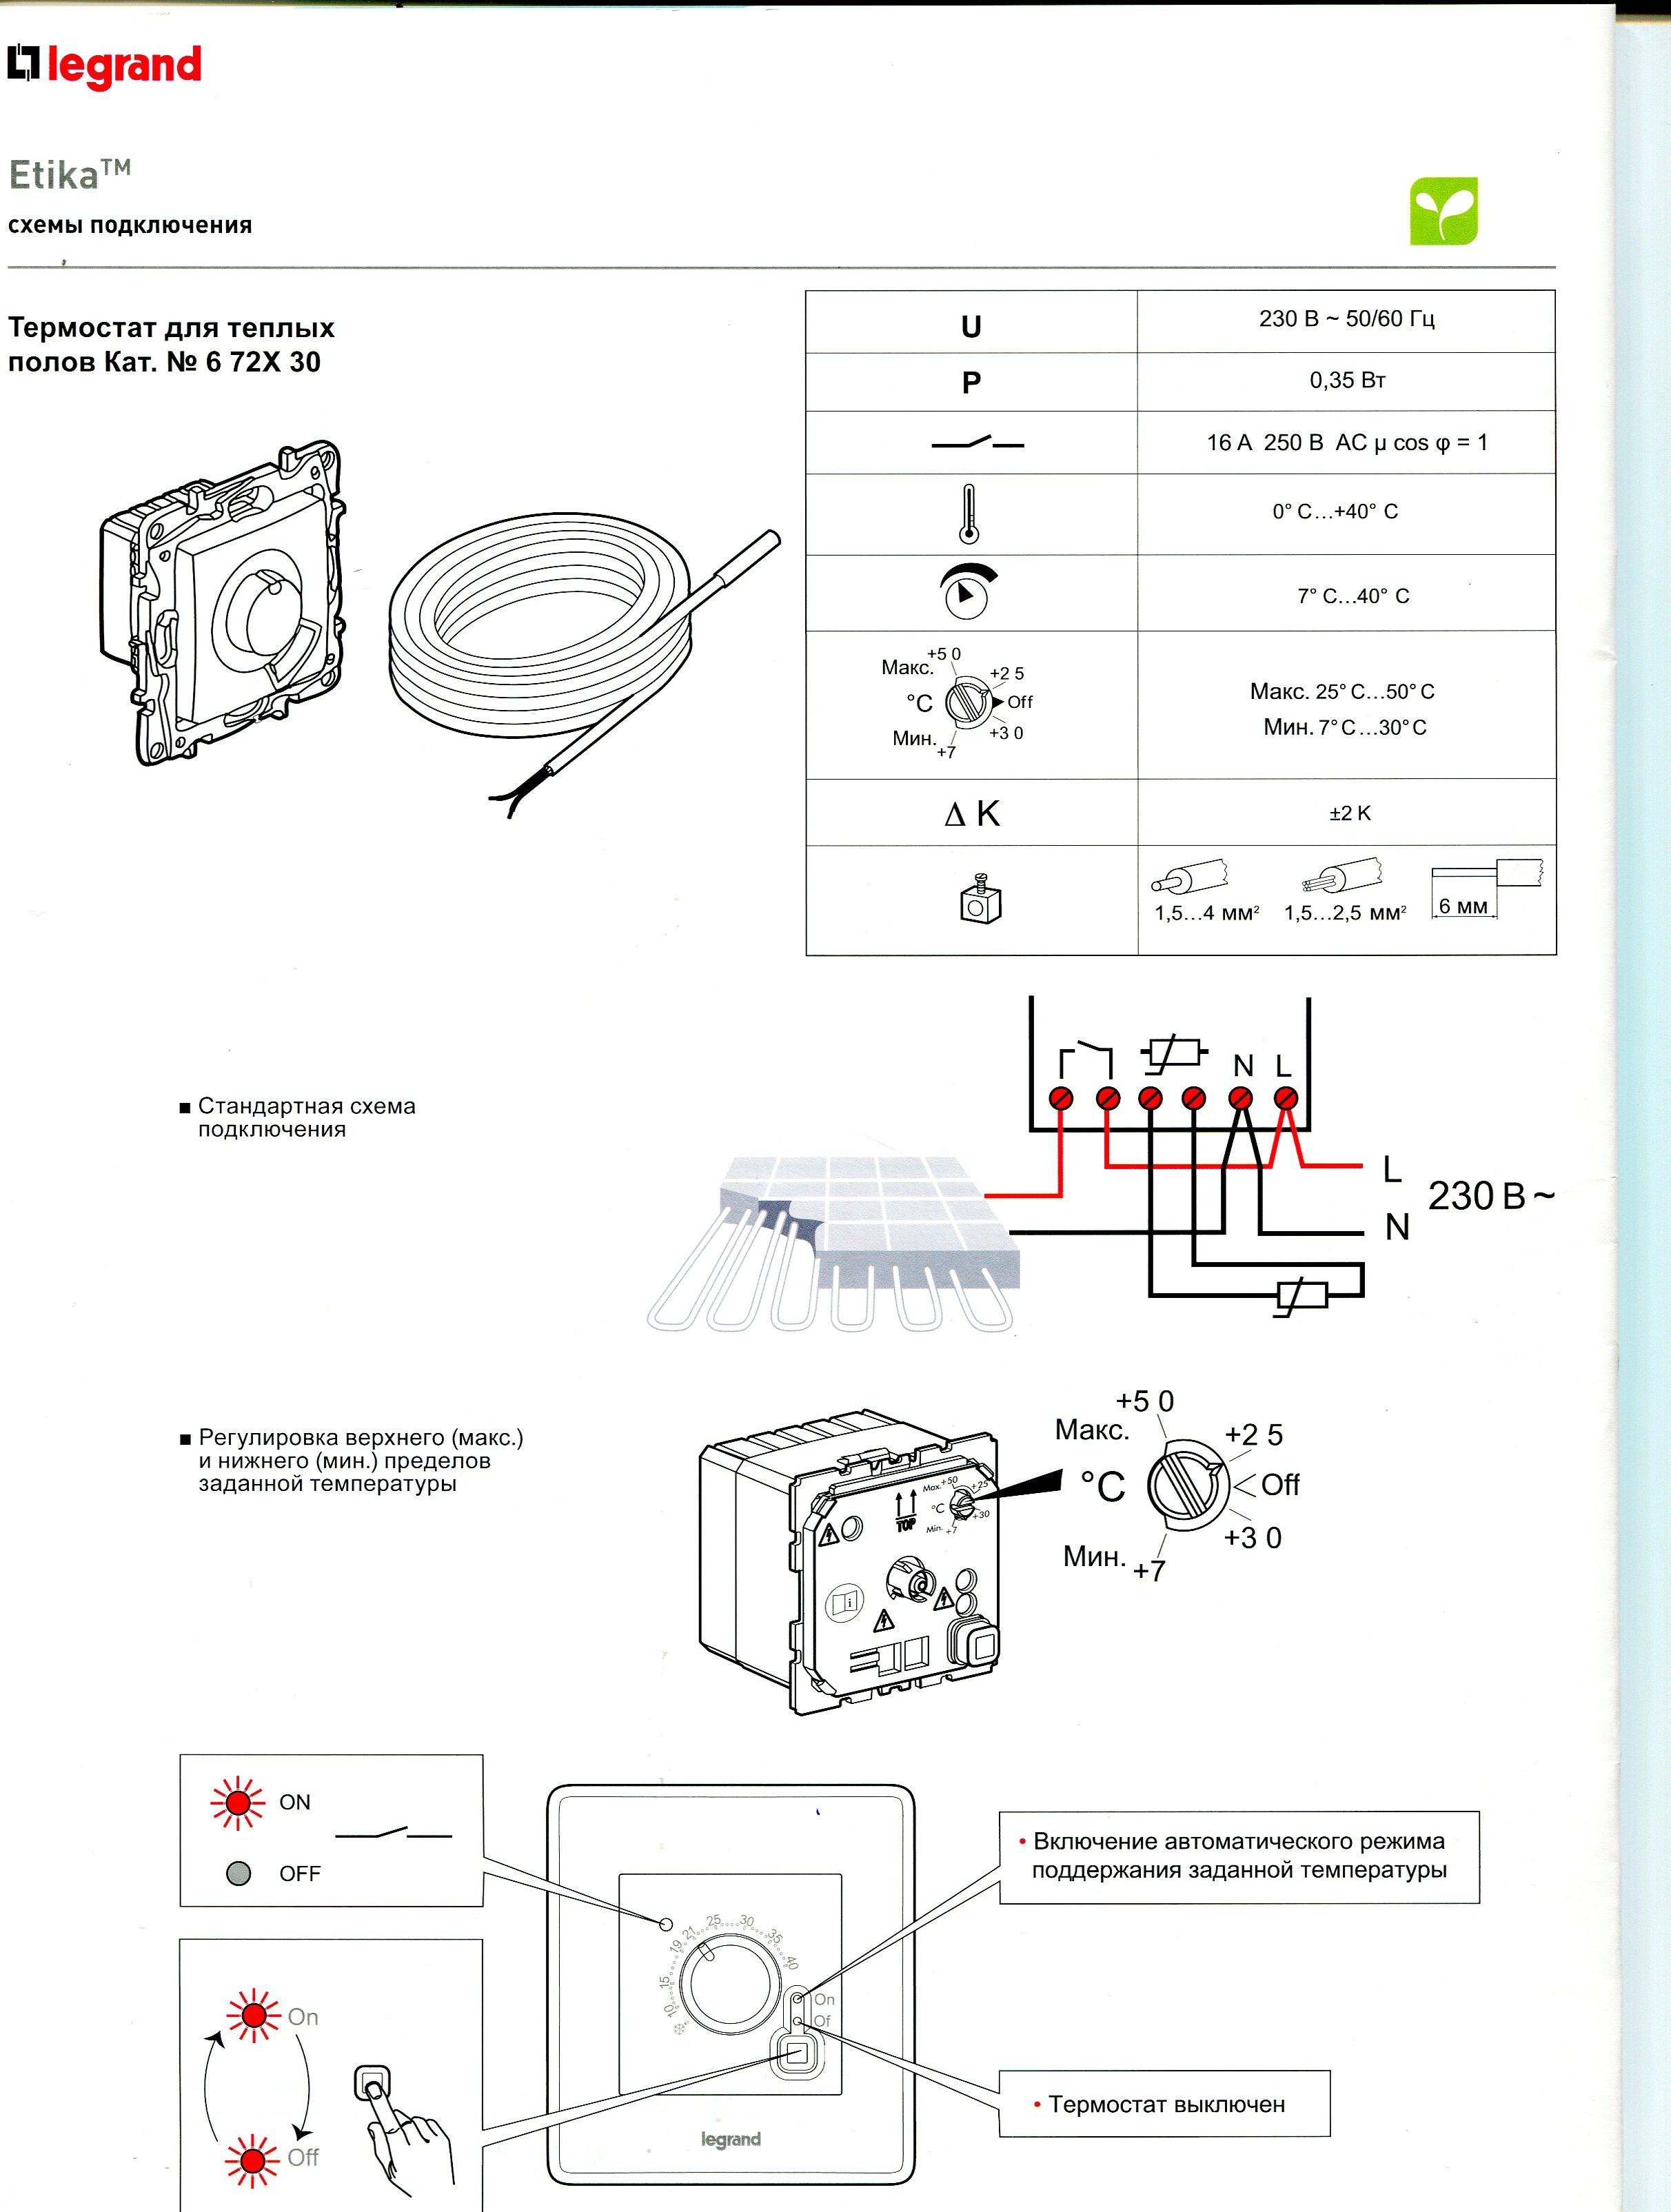 Схема подключения теплых полов heatline